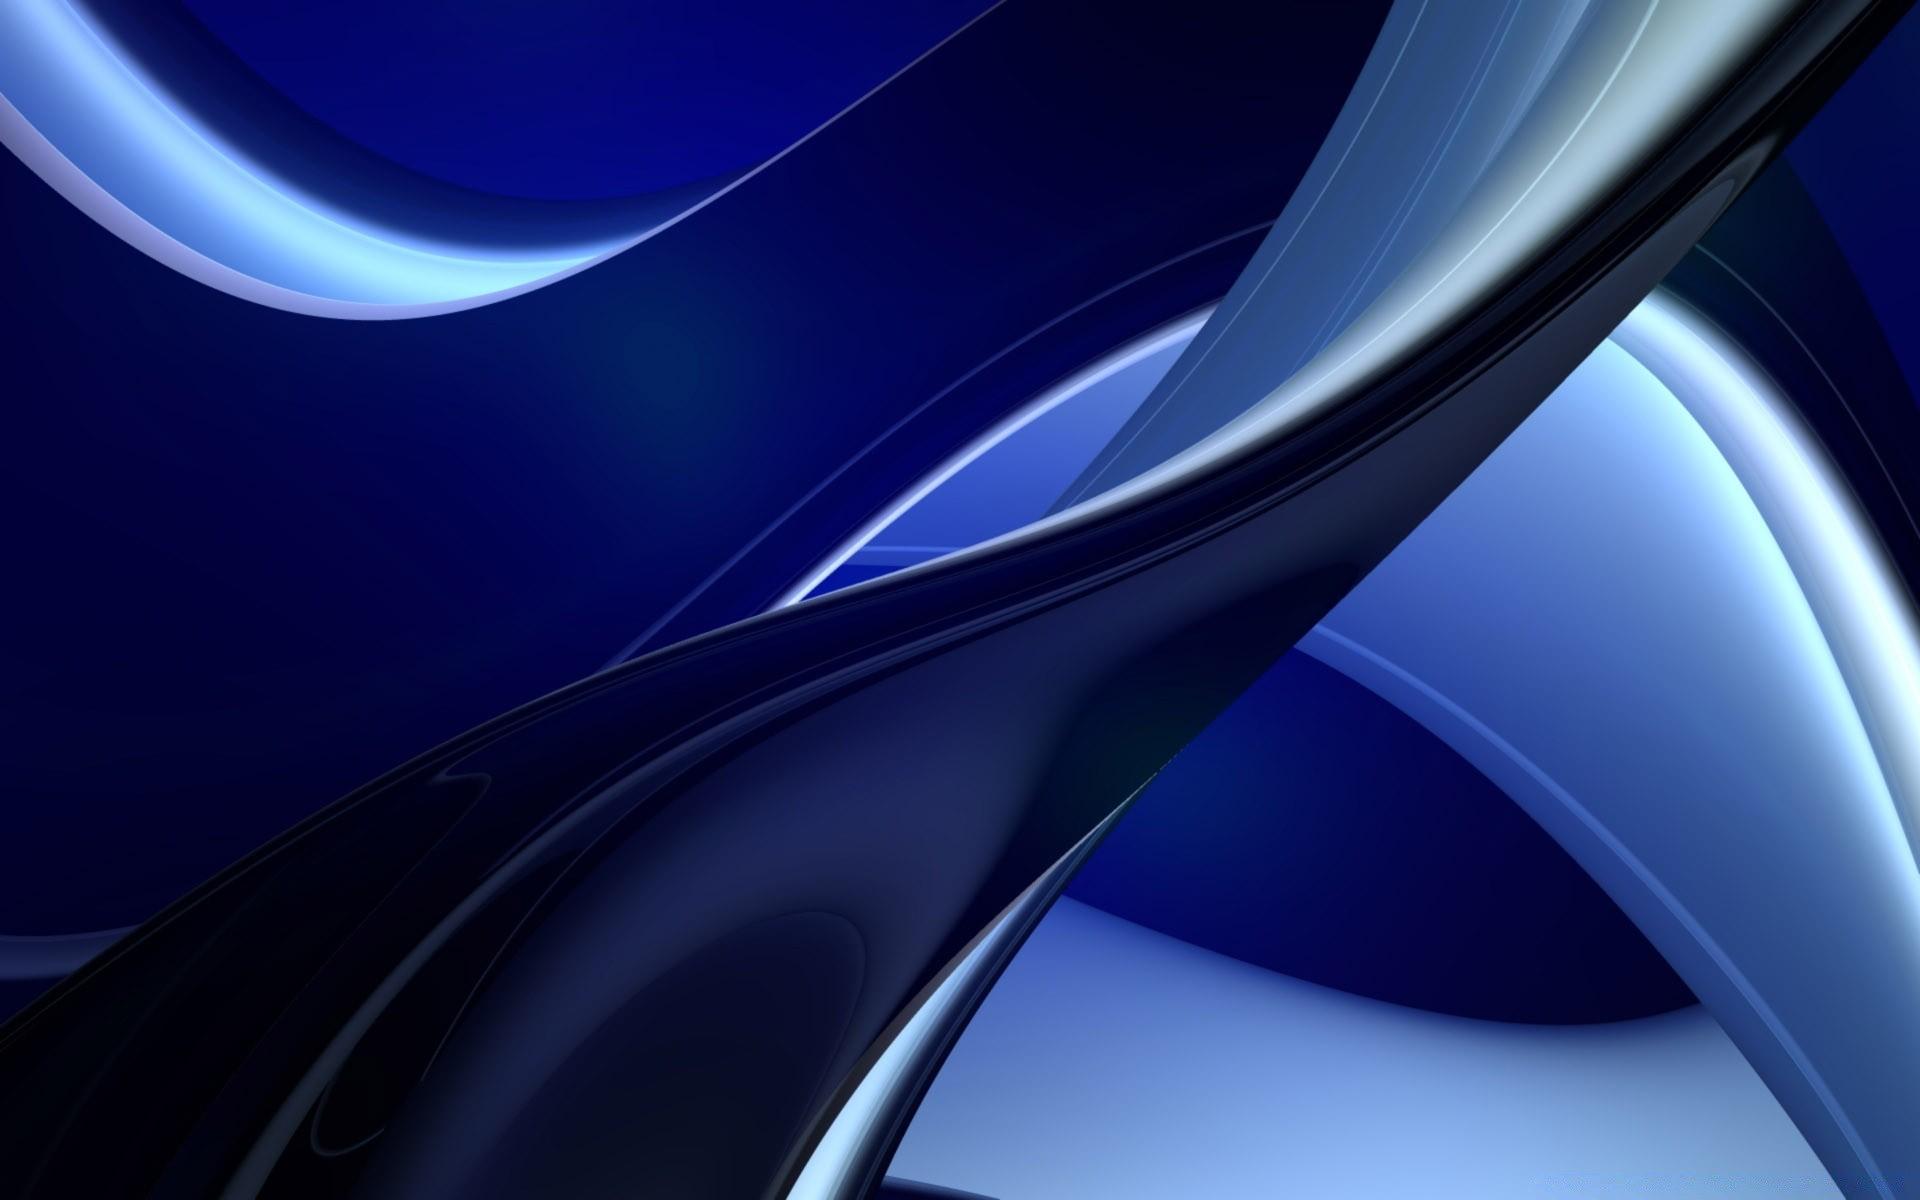 Обои кривая, свет, голубой, дуга, синий. Абстракции foto 17